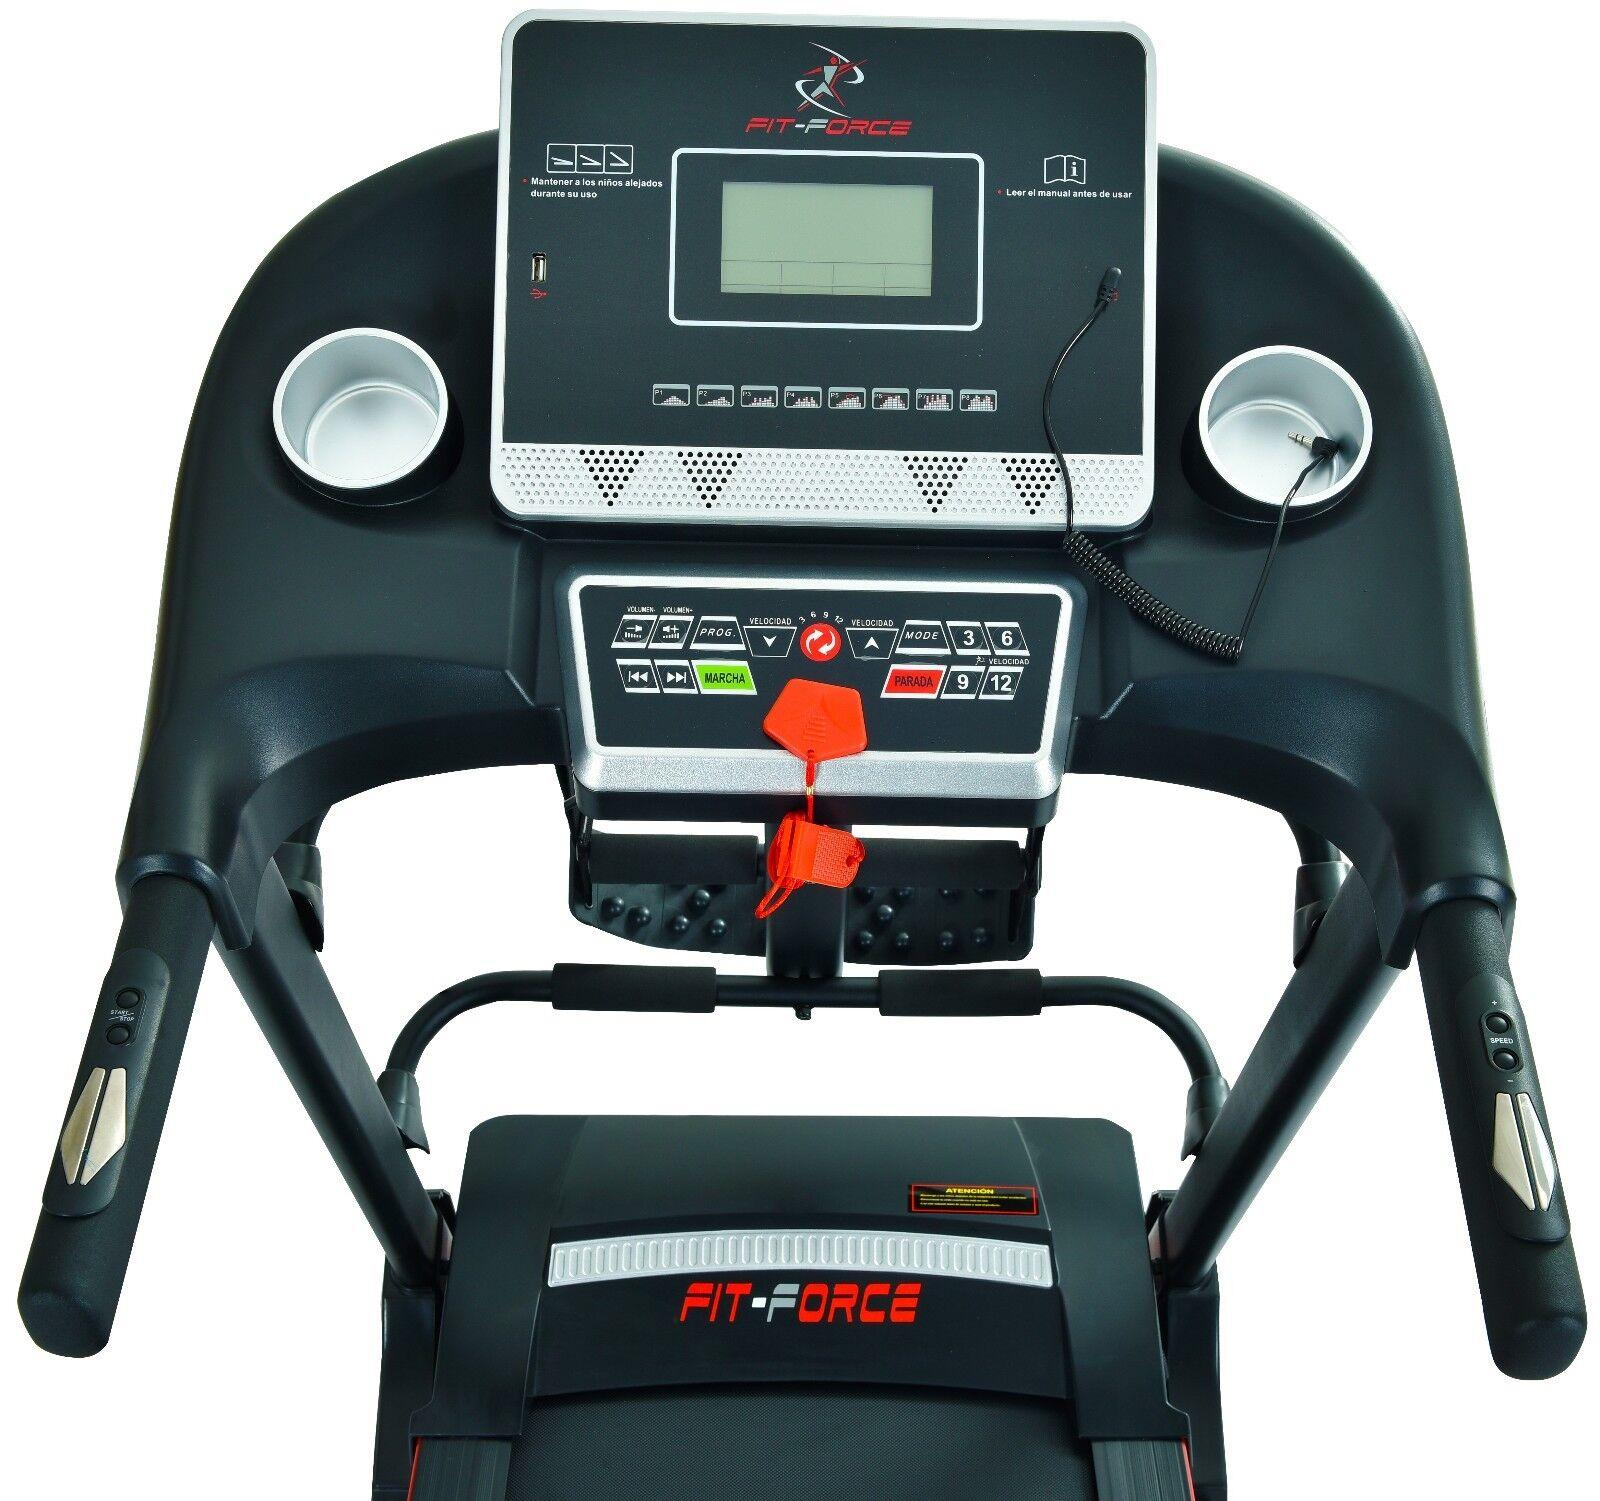 s l1600 - Cinta de correr plegable  2000W con masajeador,USB, dos altavoces  e inclinación